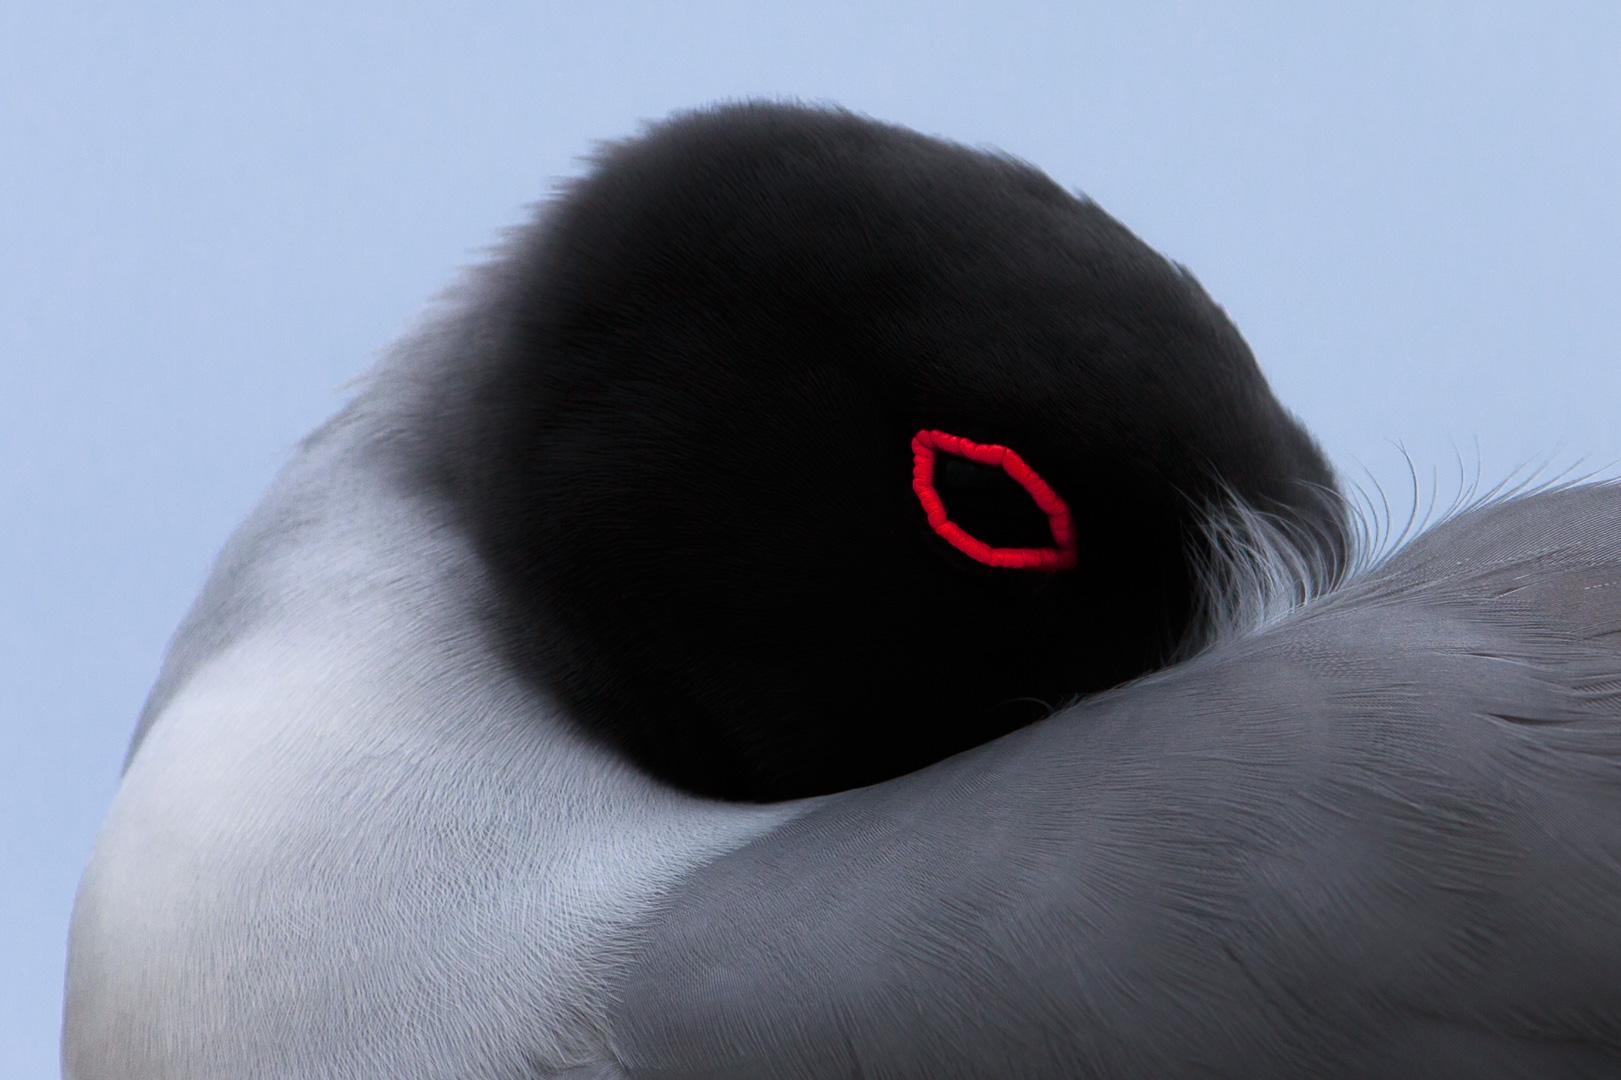 Galapagos Island - Genovesa Island - The swallow-tailed gull (Creagrus furcatus) - Canon EOS 5D III / EF 70-200mm  f/2,8 L IS II USM +2.0x III